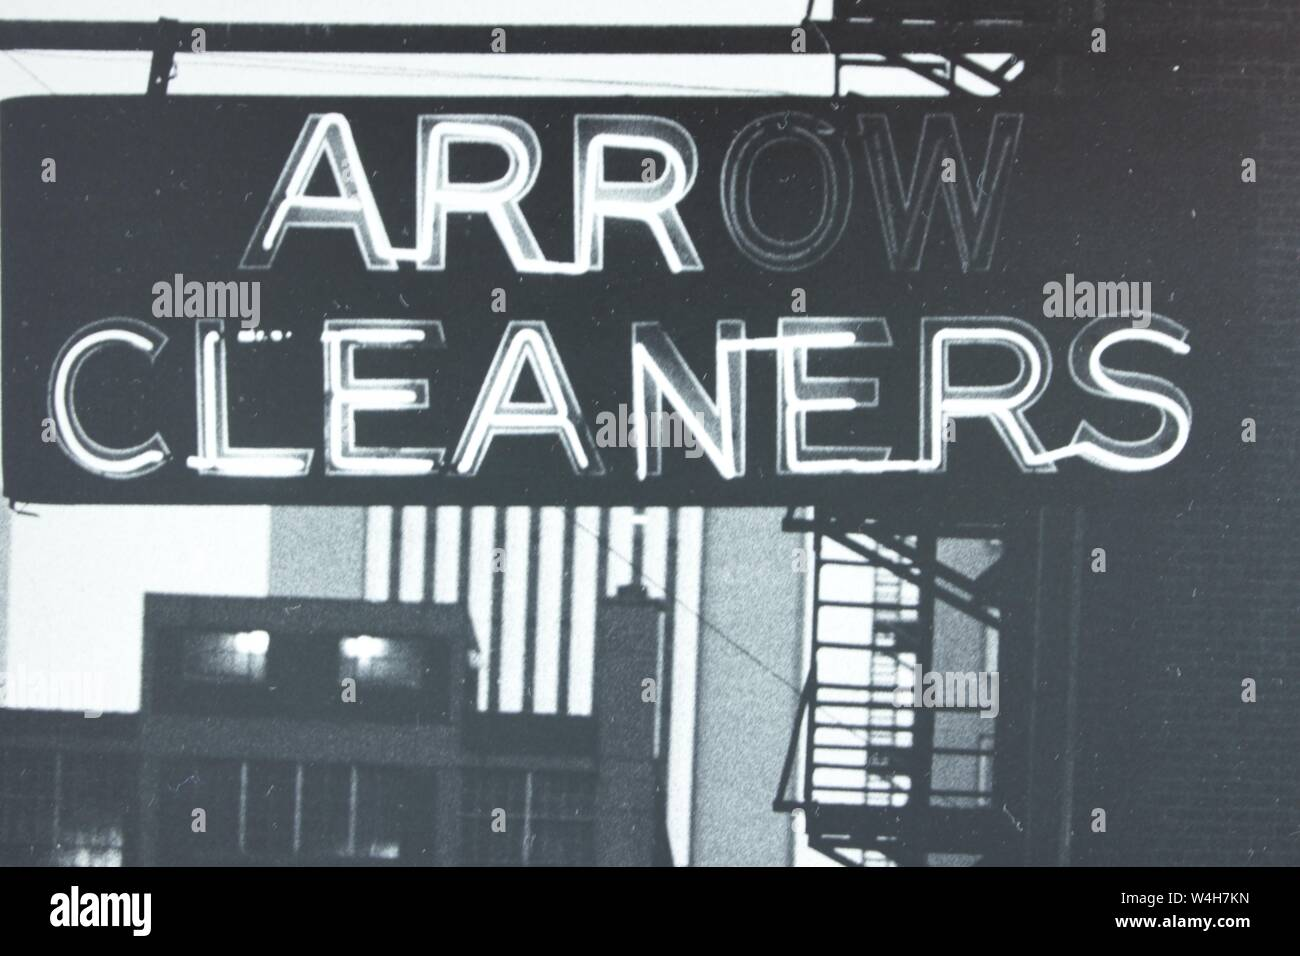 Fino arte fotografía en blanco y negro a partir de la década de 1970 de un cartel de neón de limpiadores de flecha. Foto de stock